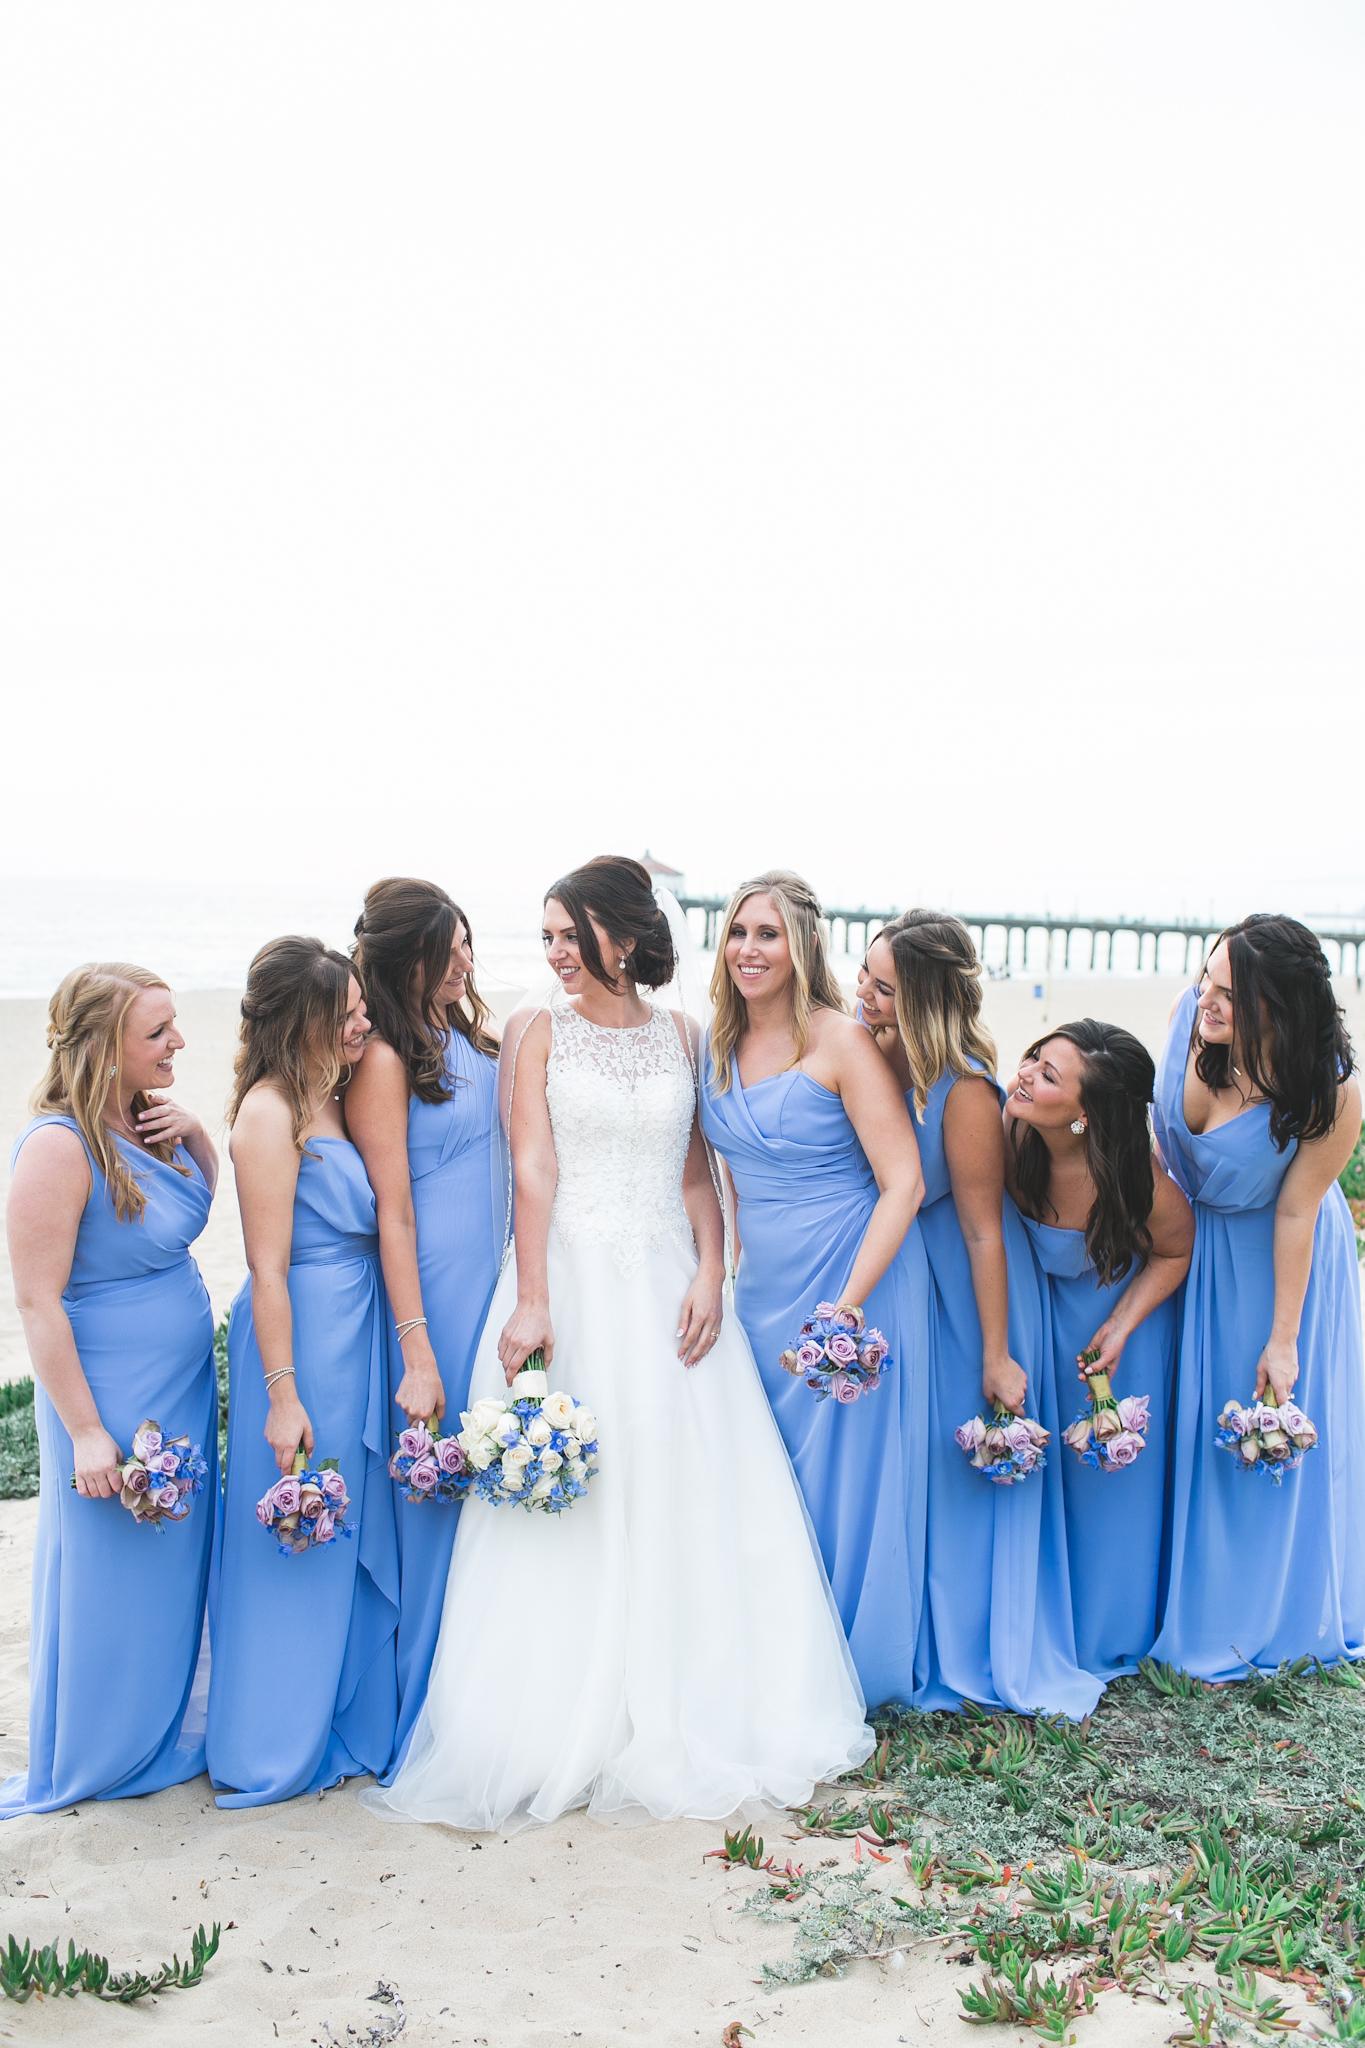 The bride's gals